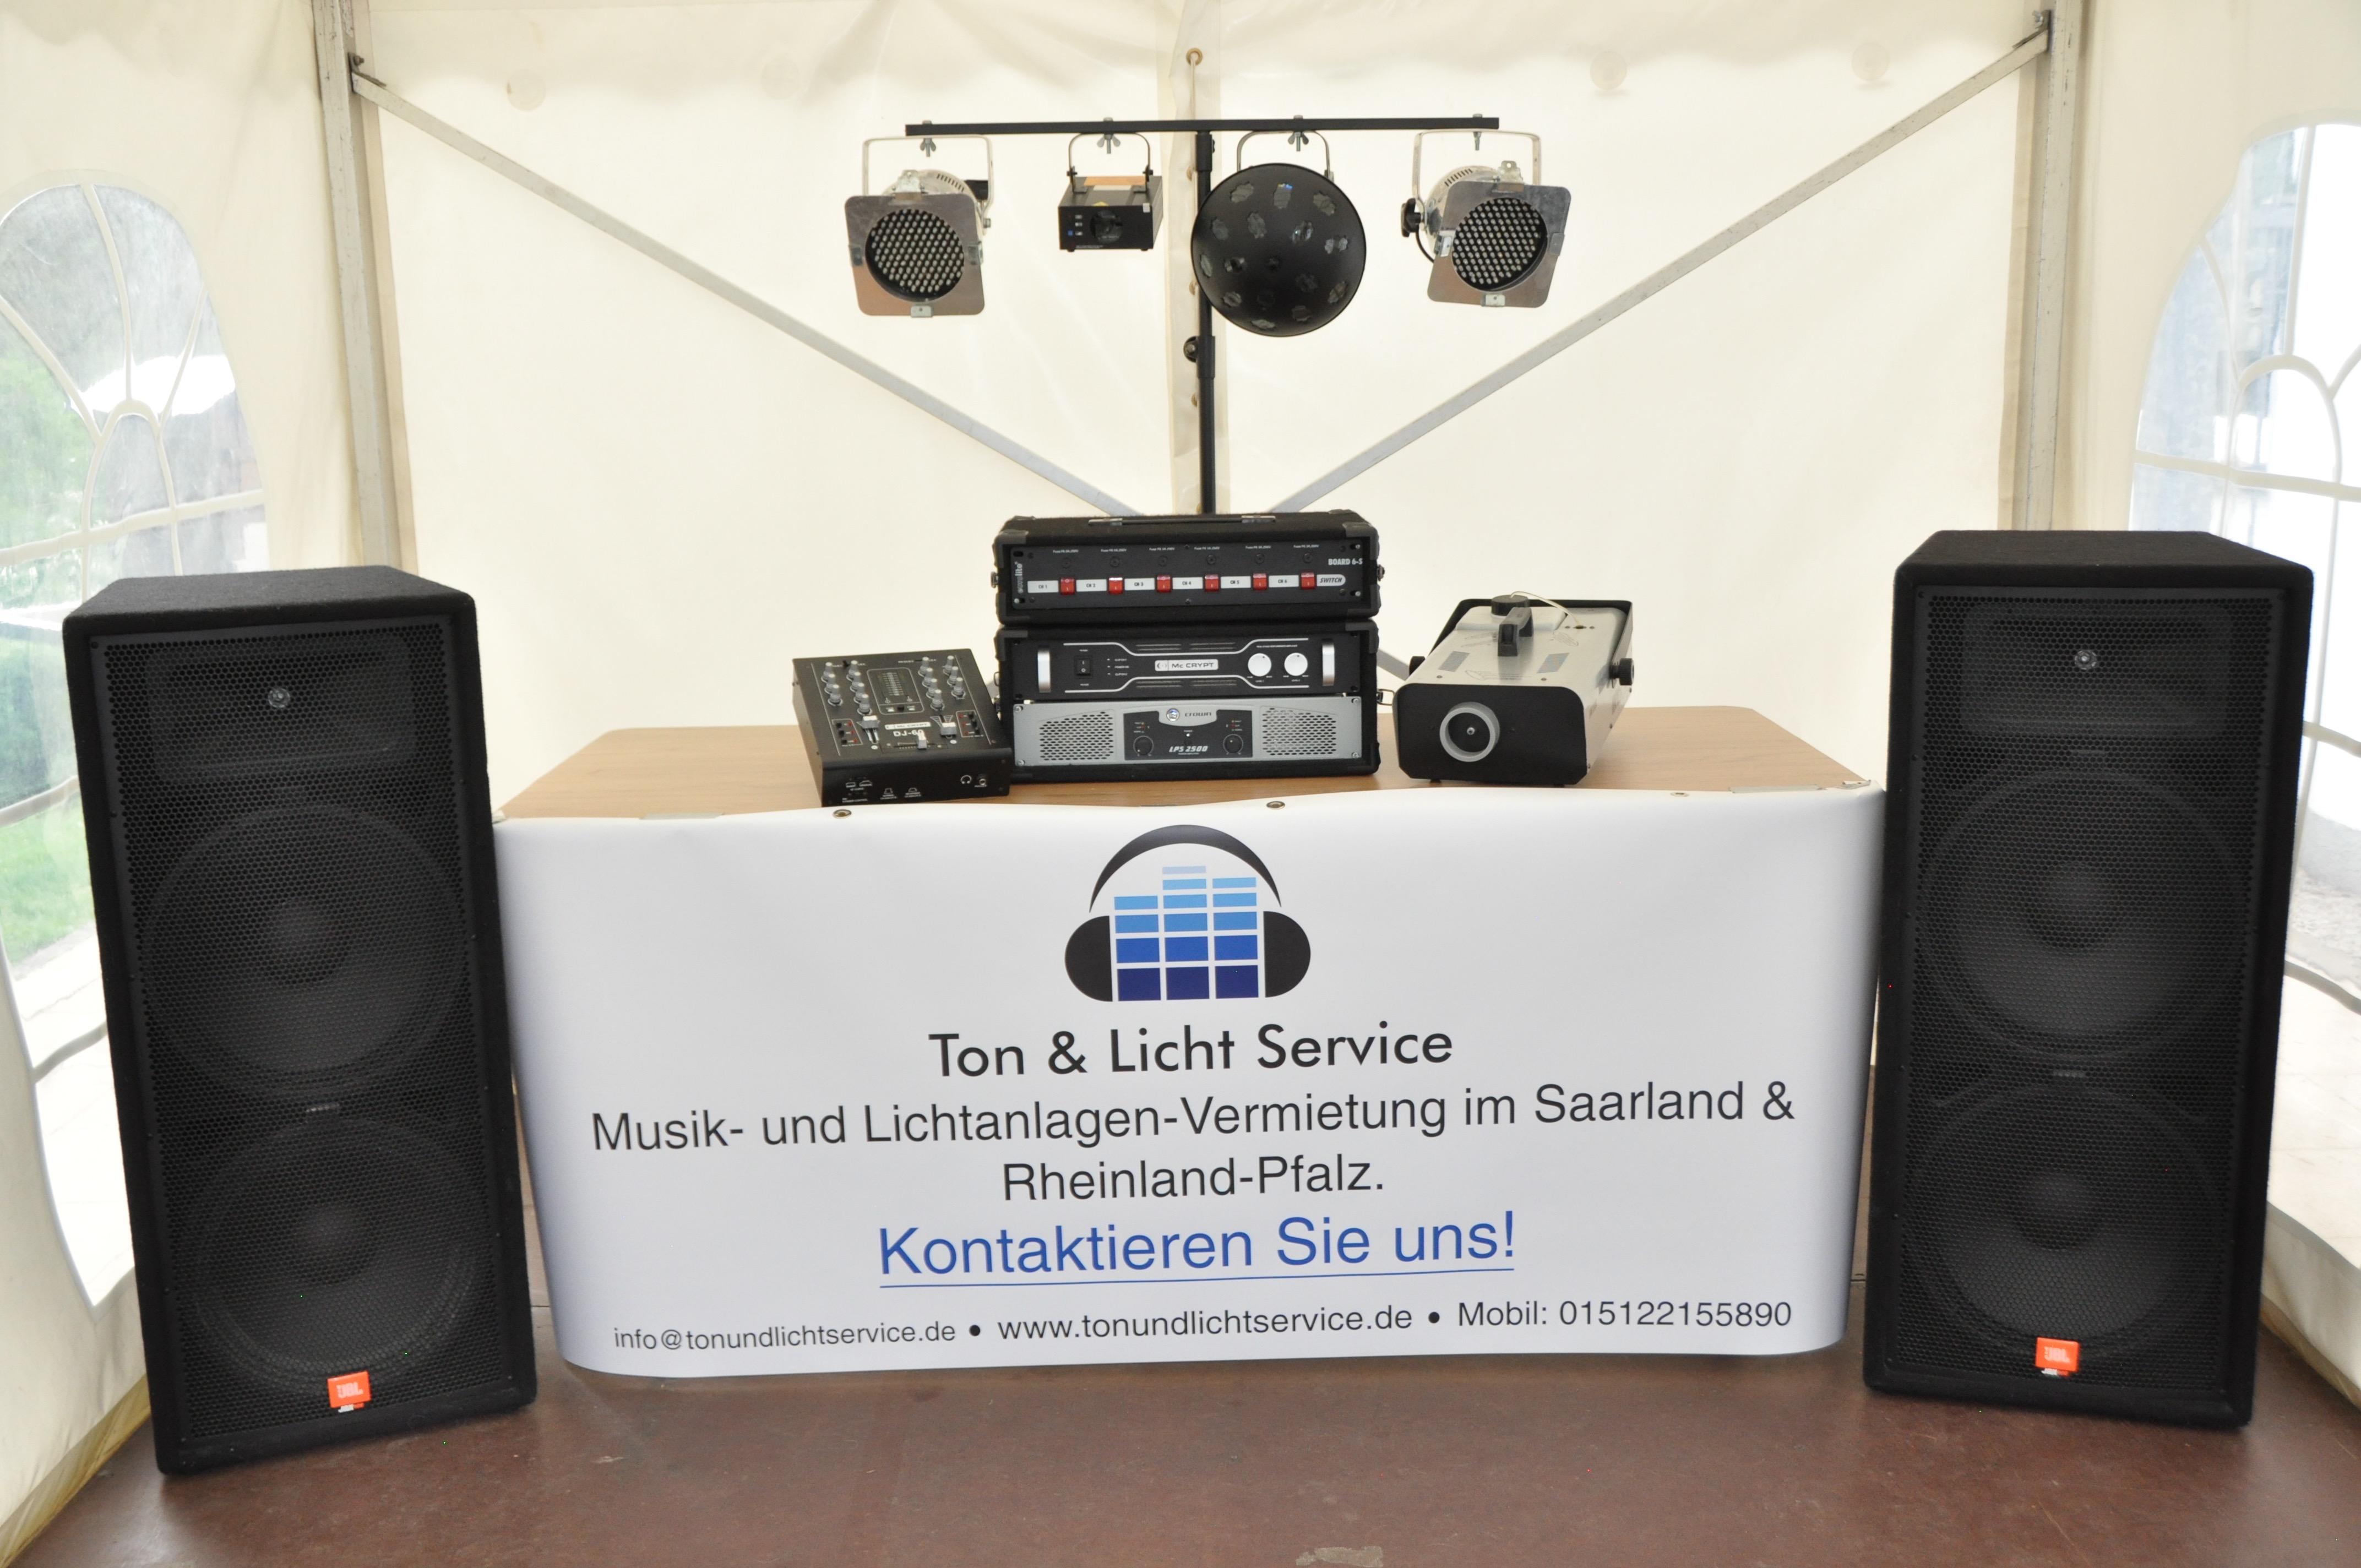 Musik- und Lichtanlage mieten Saarland Rheinland Pfalz und Saarbrücken